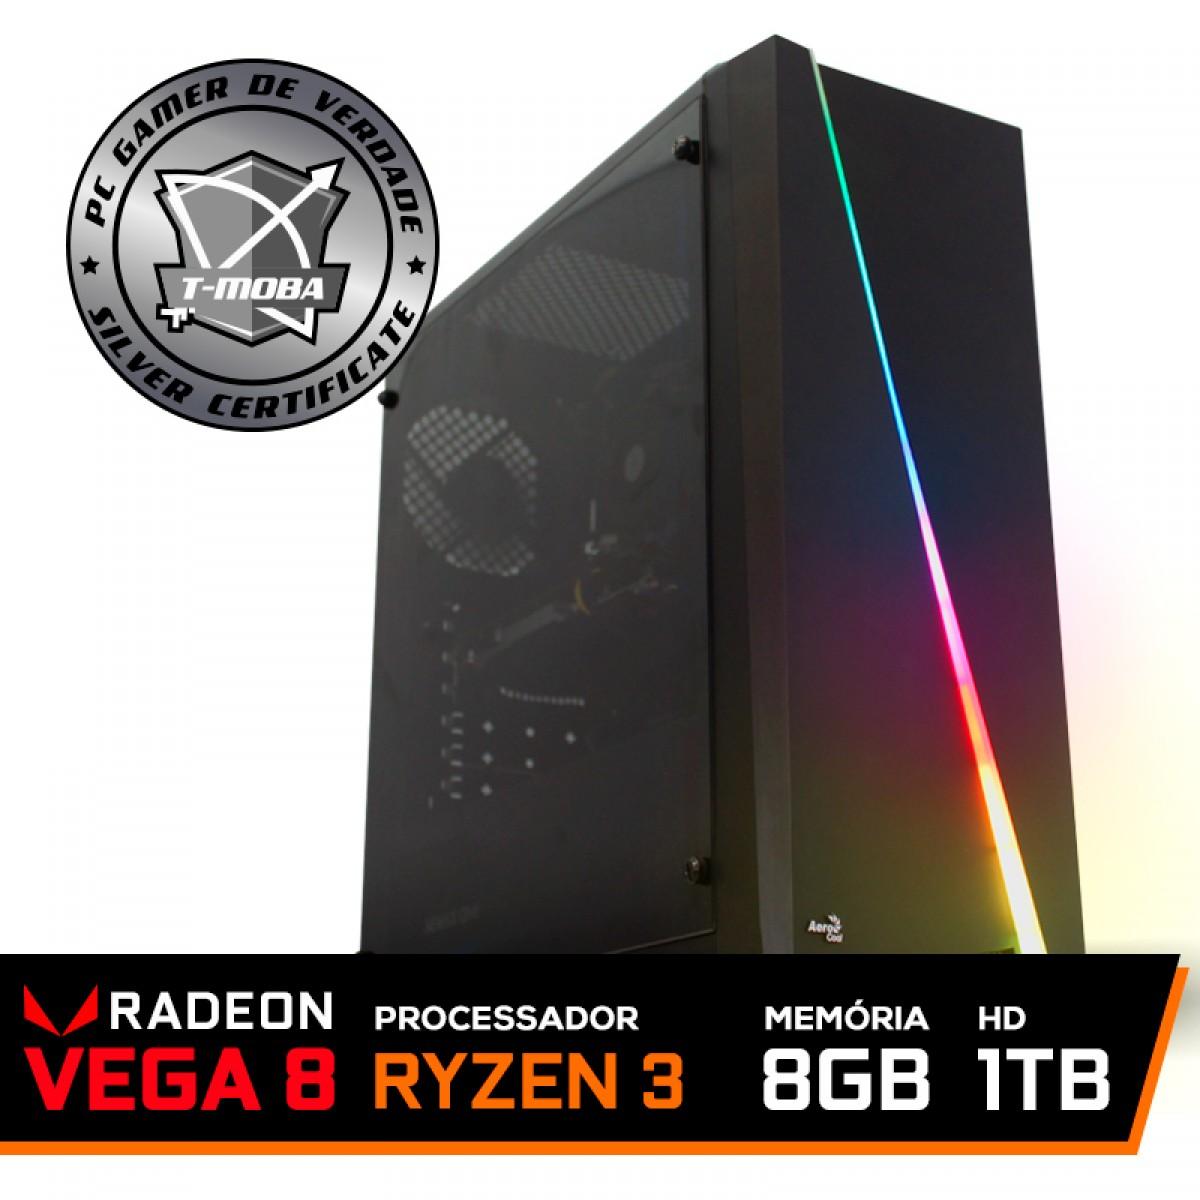 Pc Gamer T-Moba Furios Lvl-1 AMD Ryzen 3 3200G / DDR4 8GB / HD 1TB